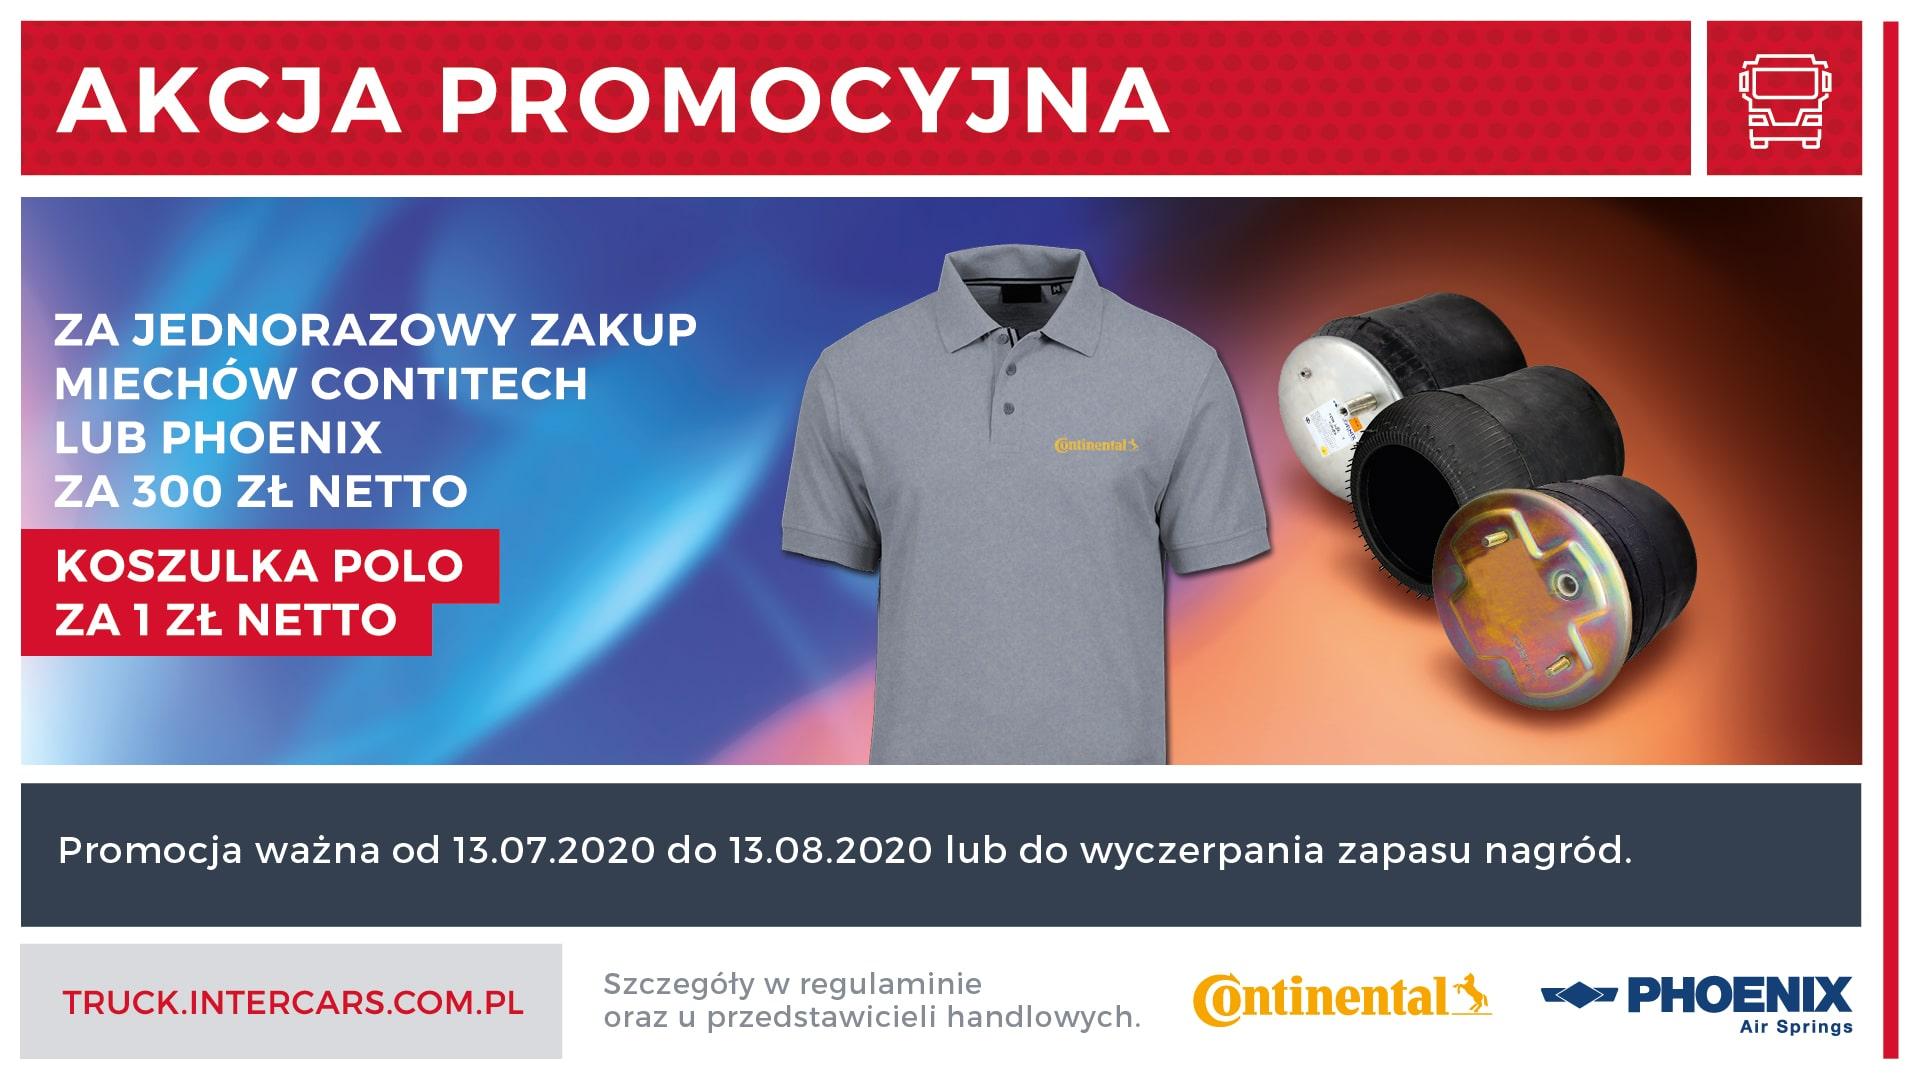 promocja_contitech_phoenix_za_zakup_miechow_za300zl_koszulka_polo_za1zl_1920x1080_katalog-min.jpg